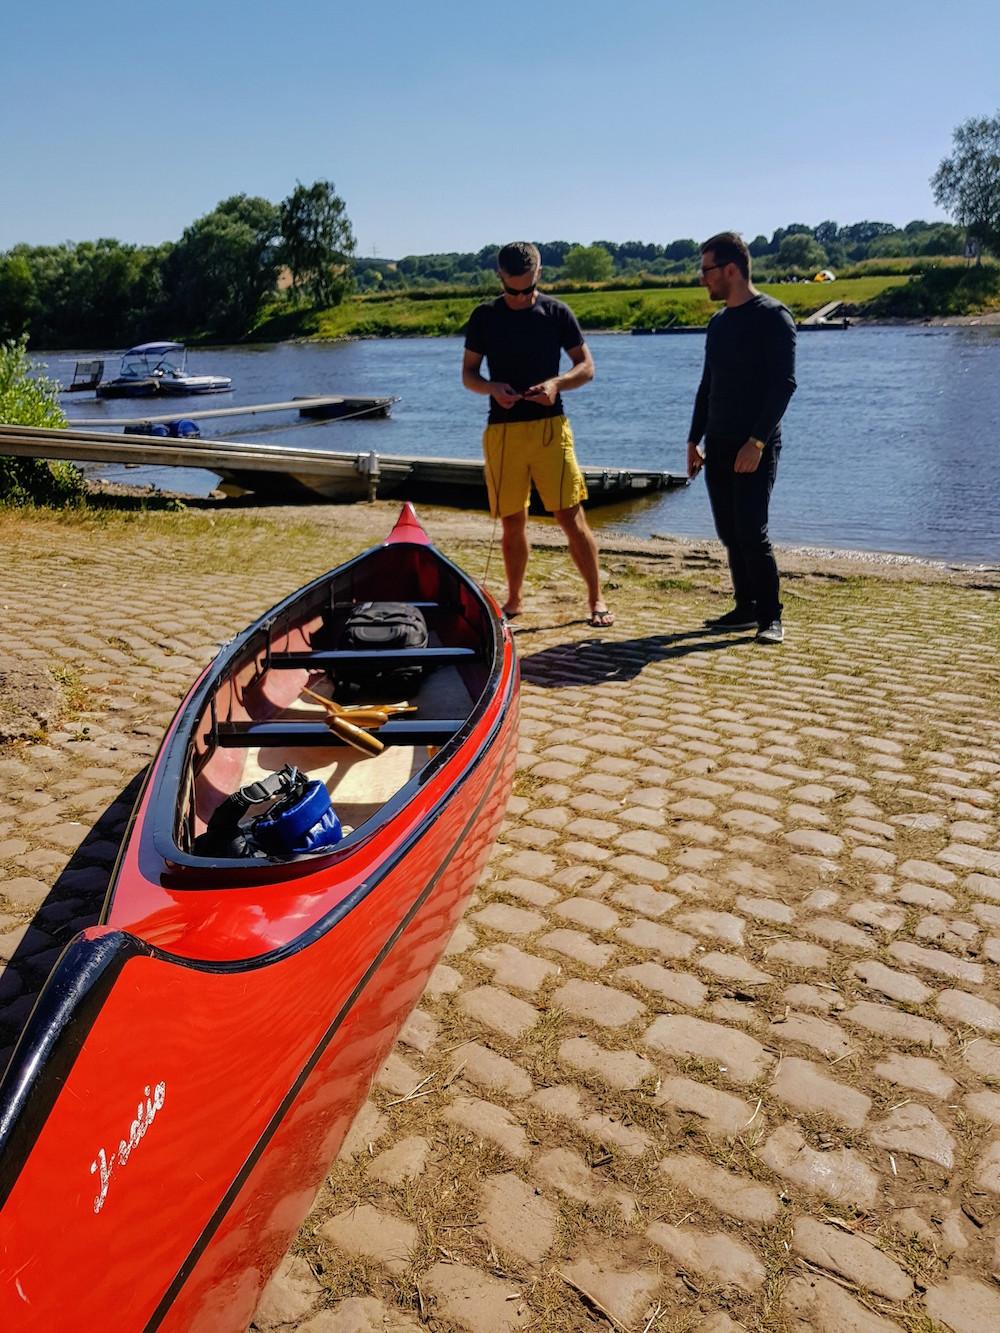 Weser-Kanutour: Paddeln von Bad Oeynhausen nach Minden